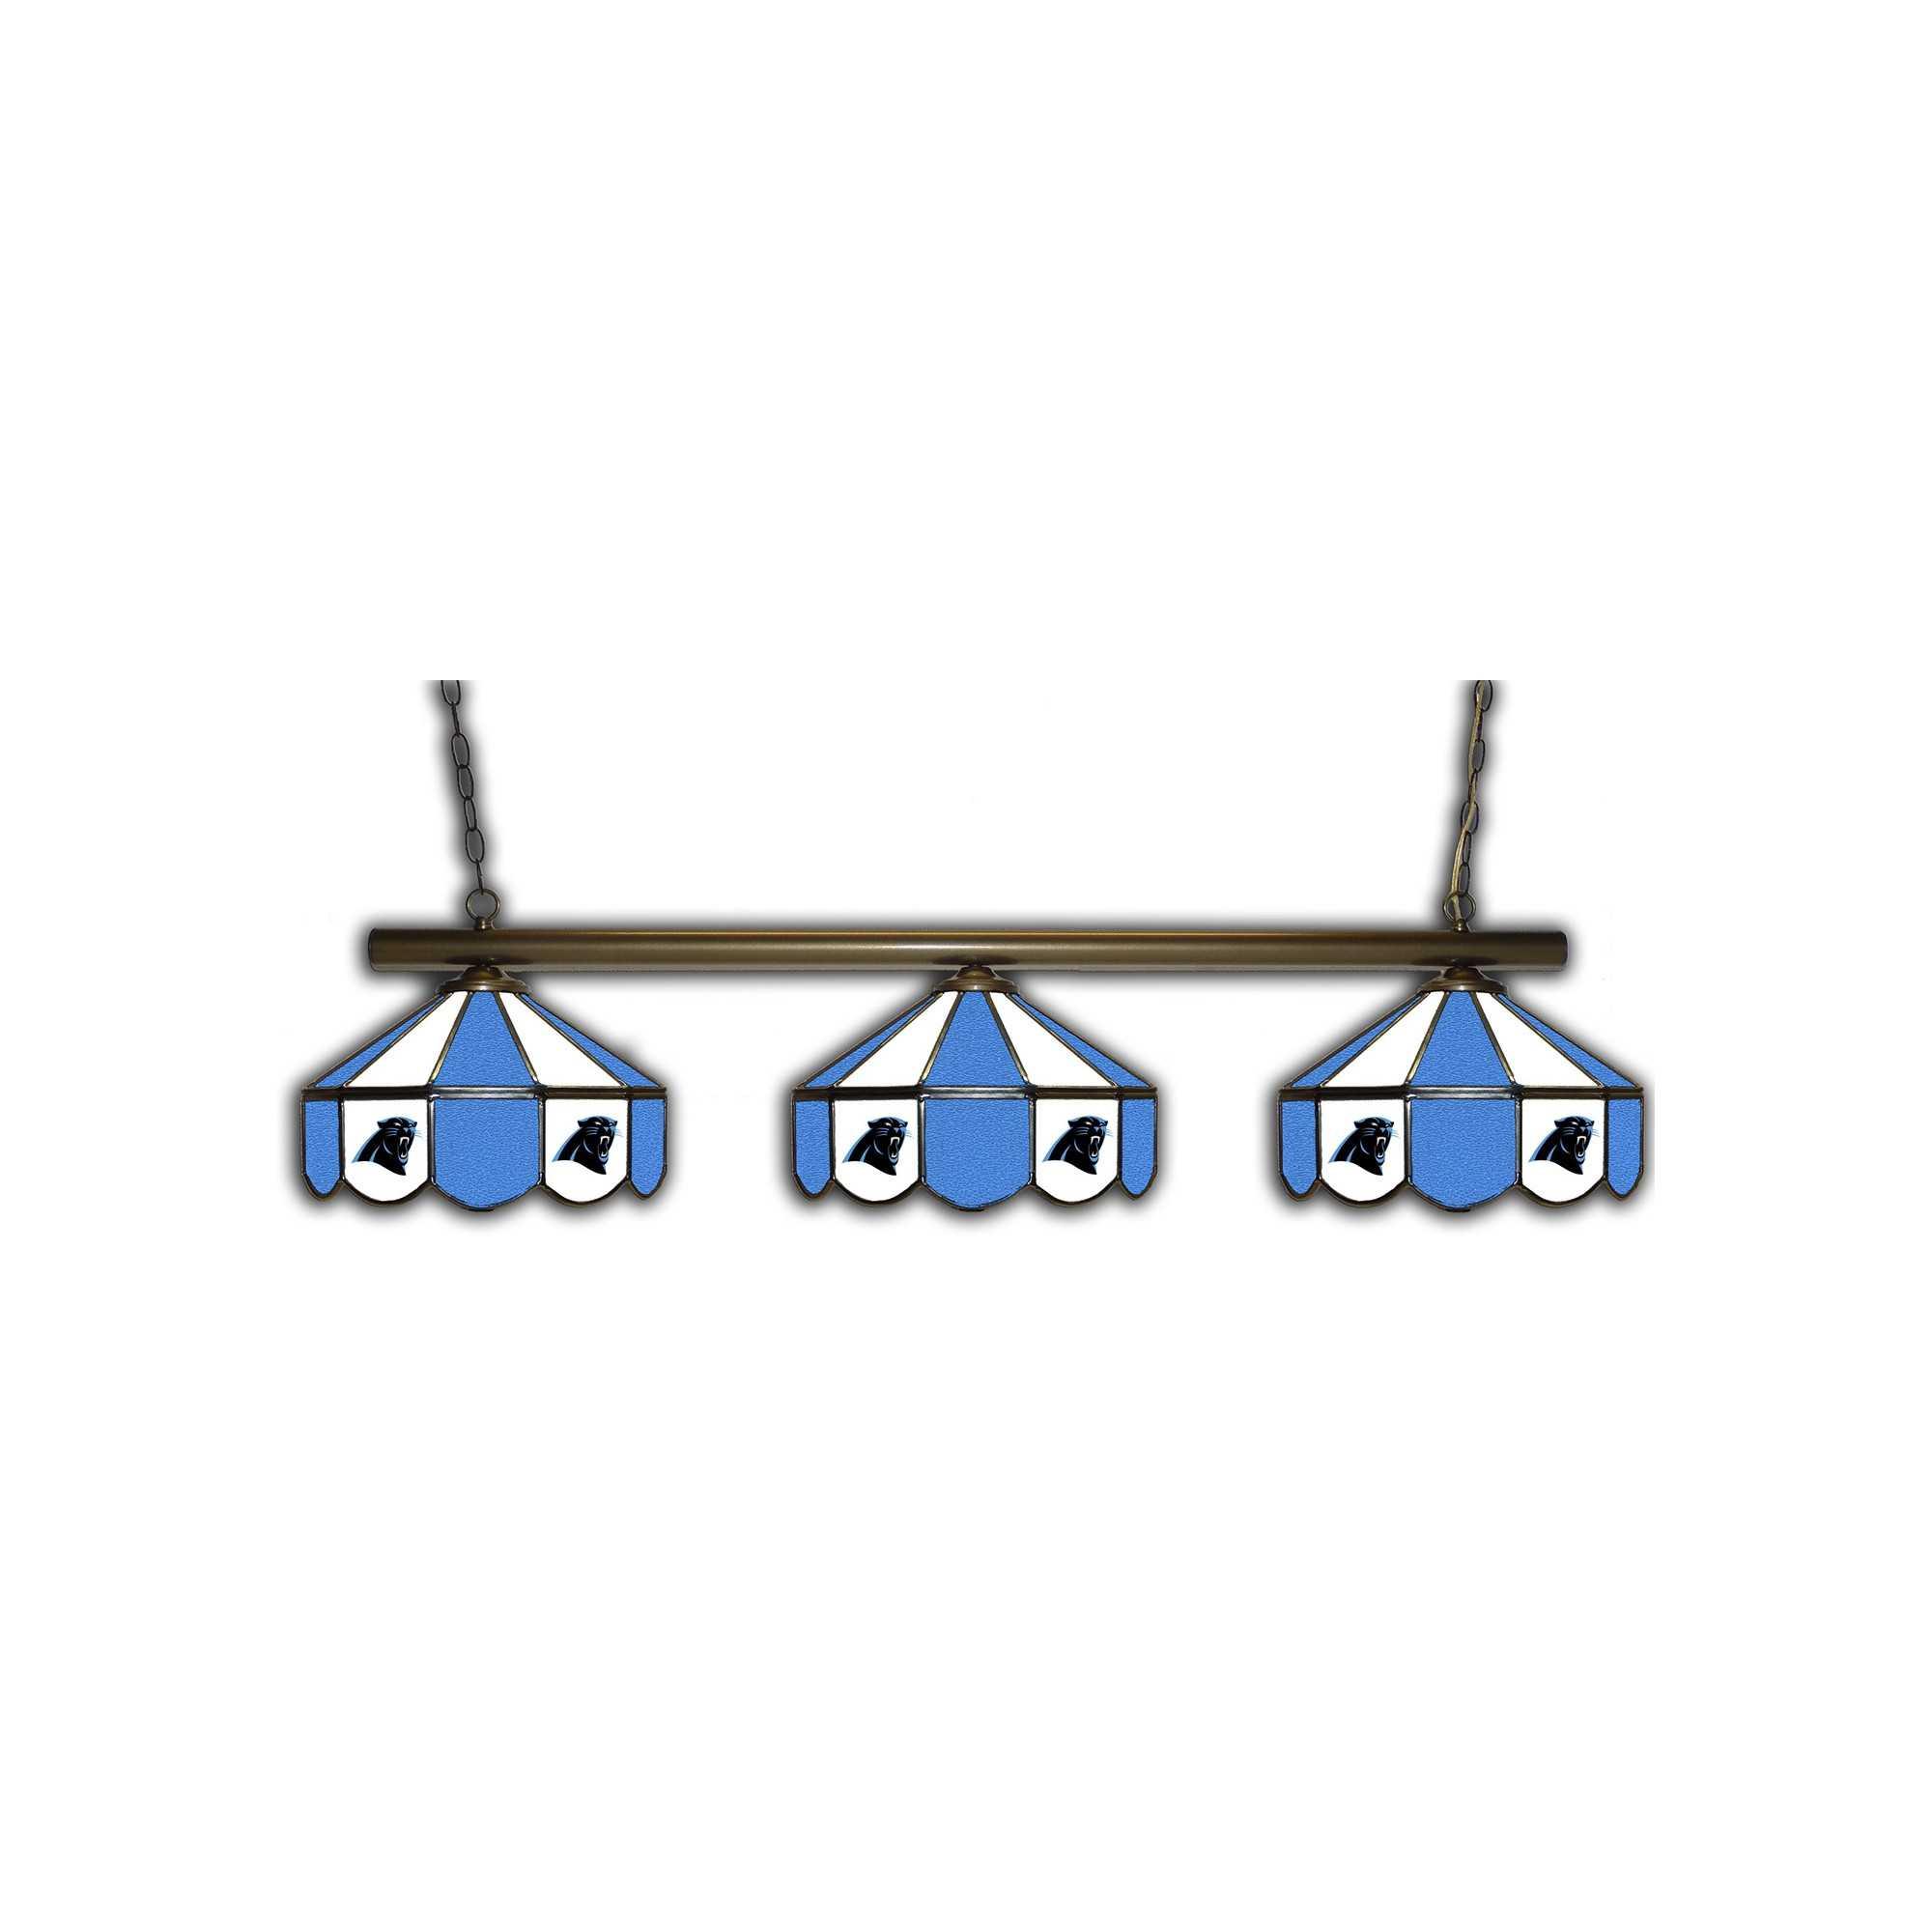 CAROLINA PANTHERS GLASS 3 SHADE LAMP (BAR)